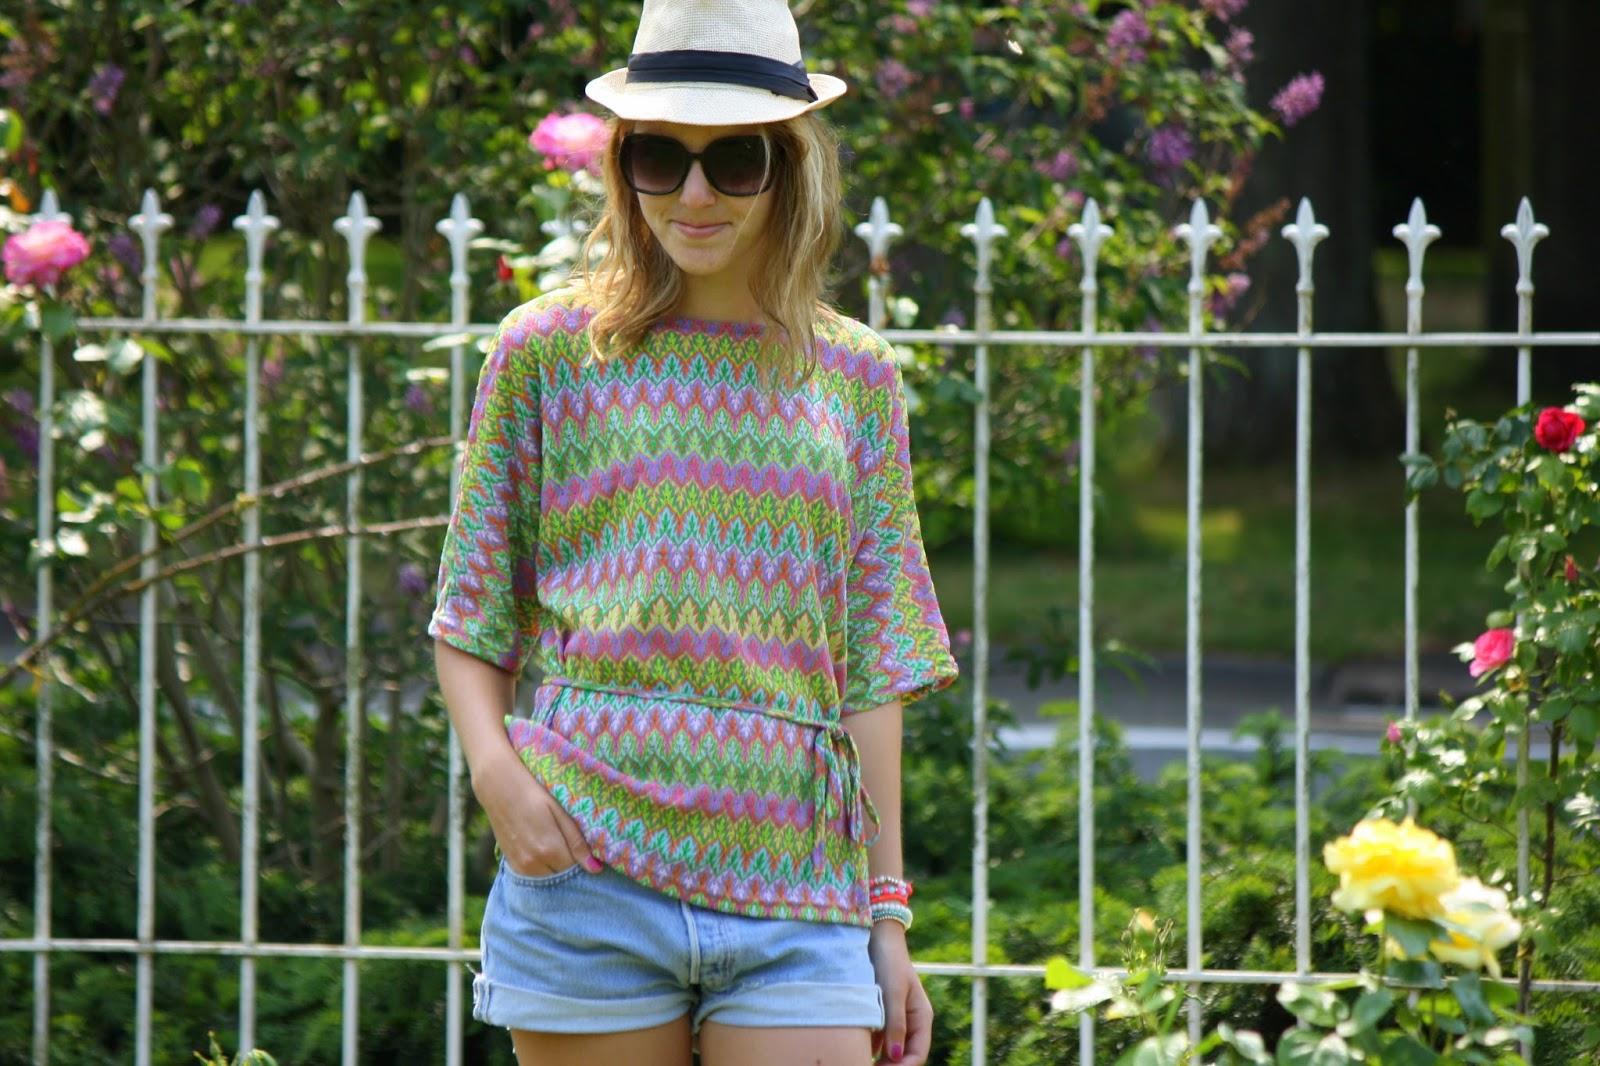 fashionmoodboard outfit loftymanner